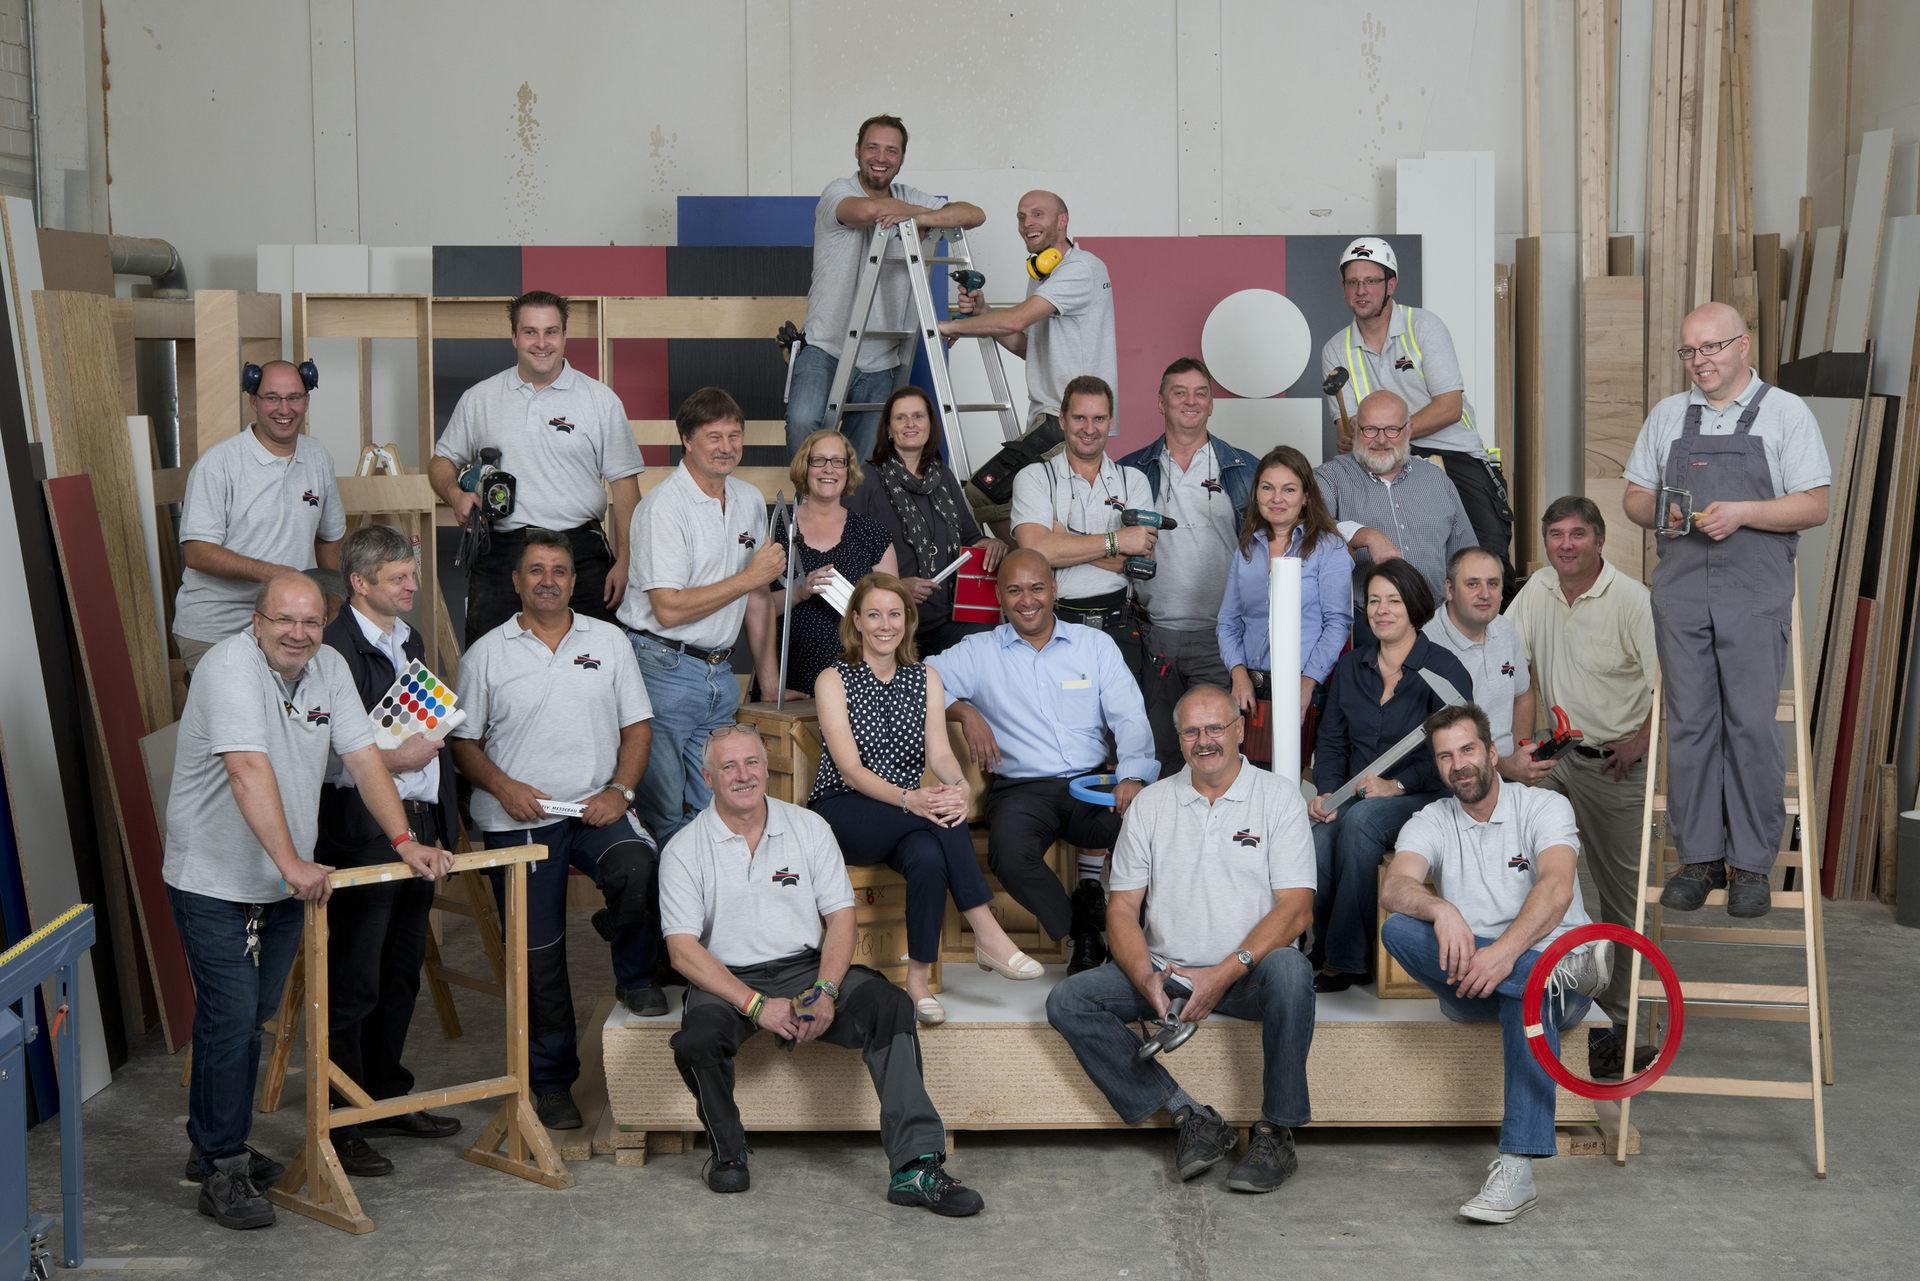 Exhibition Stand Builders In Germany : Company creativ messebau erfolgreiche messeauftritte sind kein